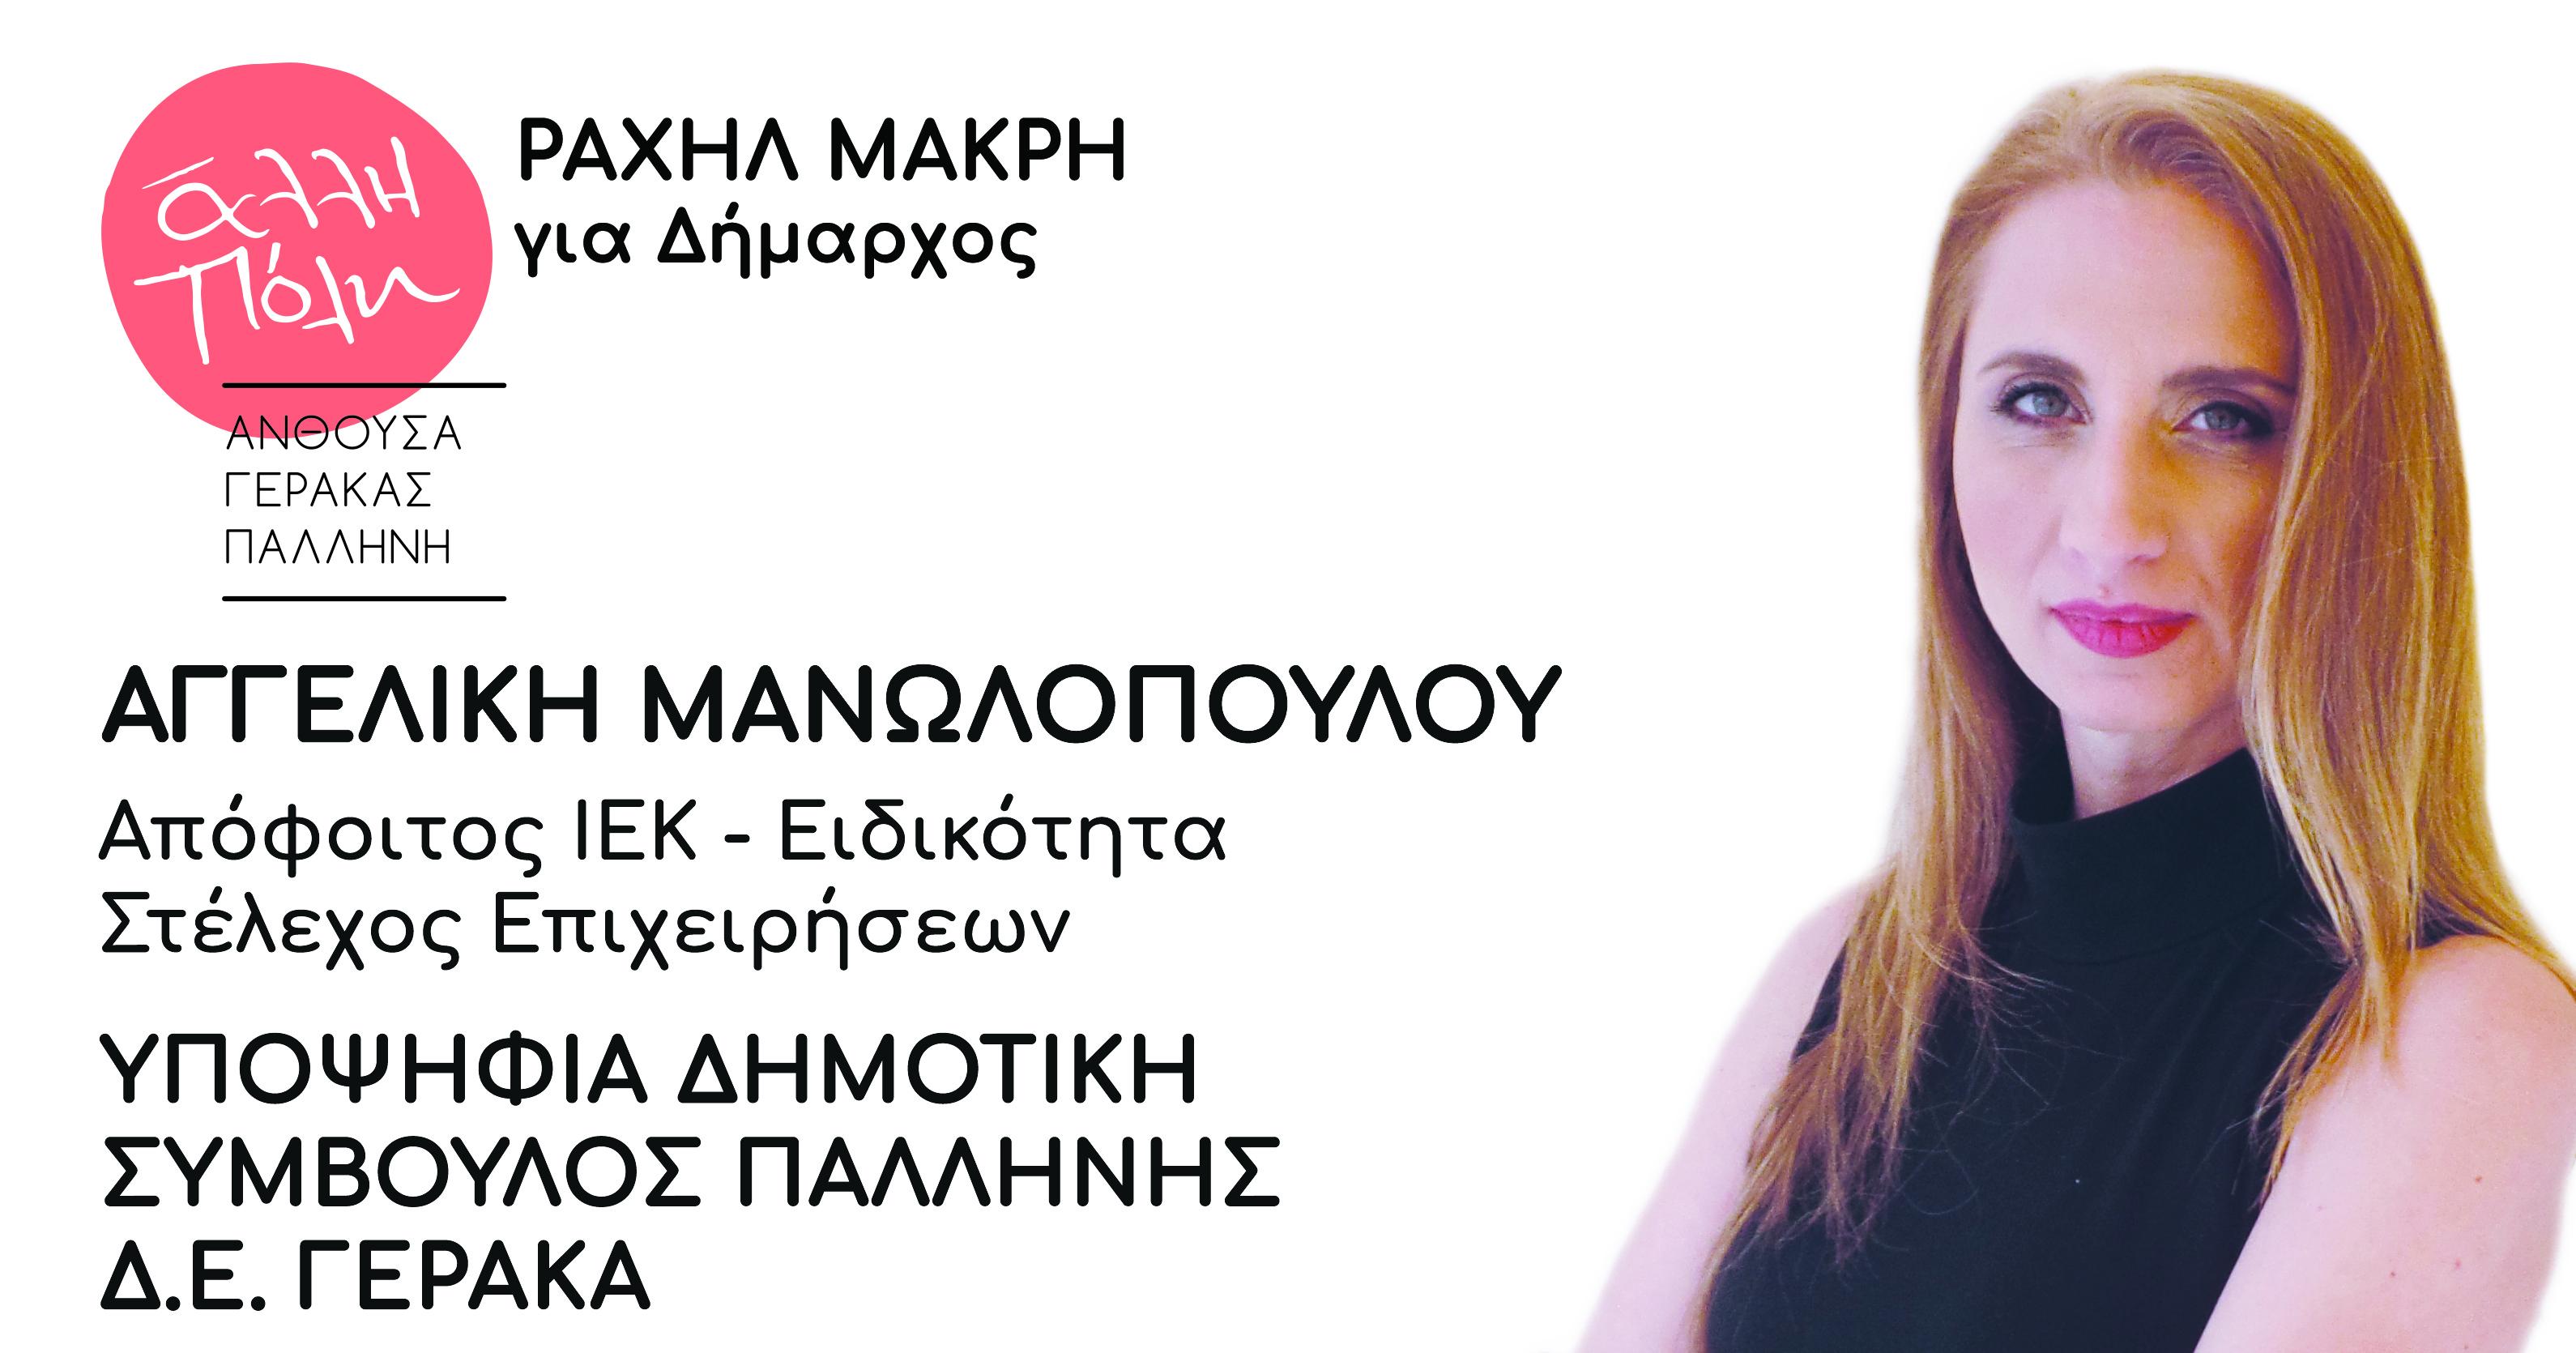 Υποψήφια Δημοτική Σύμβουλος – Αγγελική Μανωλοπούλου